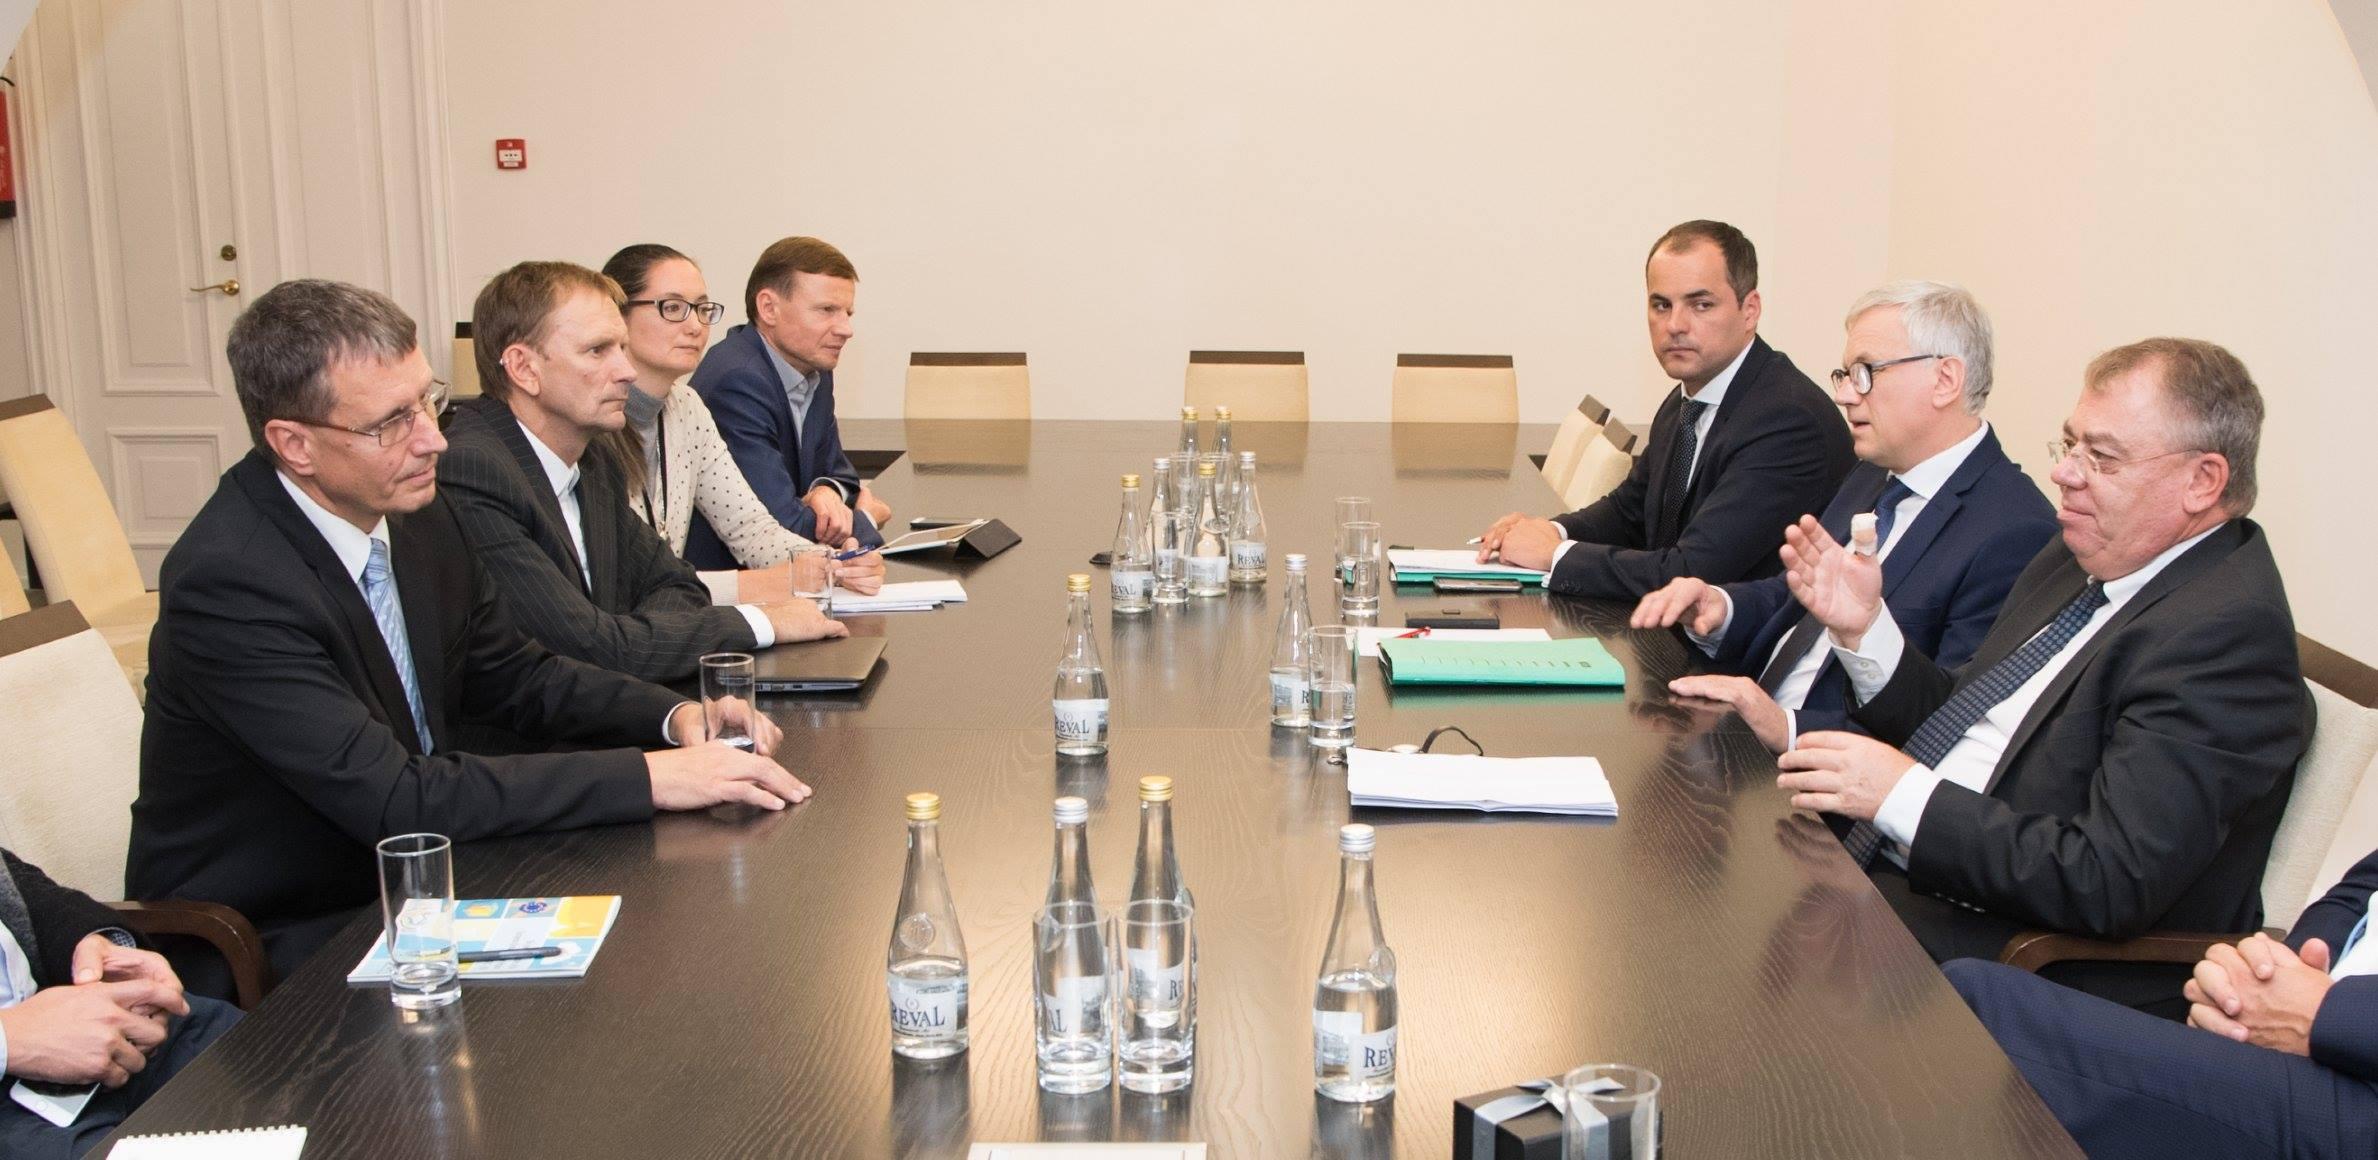 EU Auditors visit Estonia